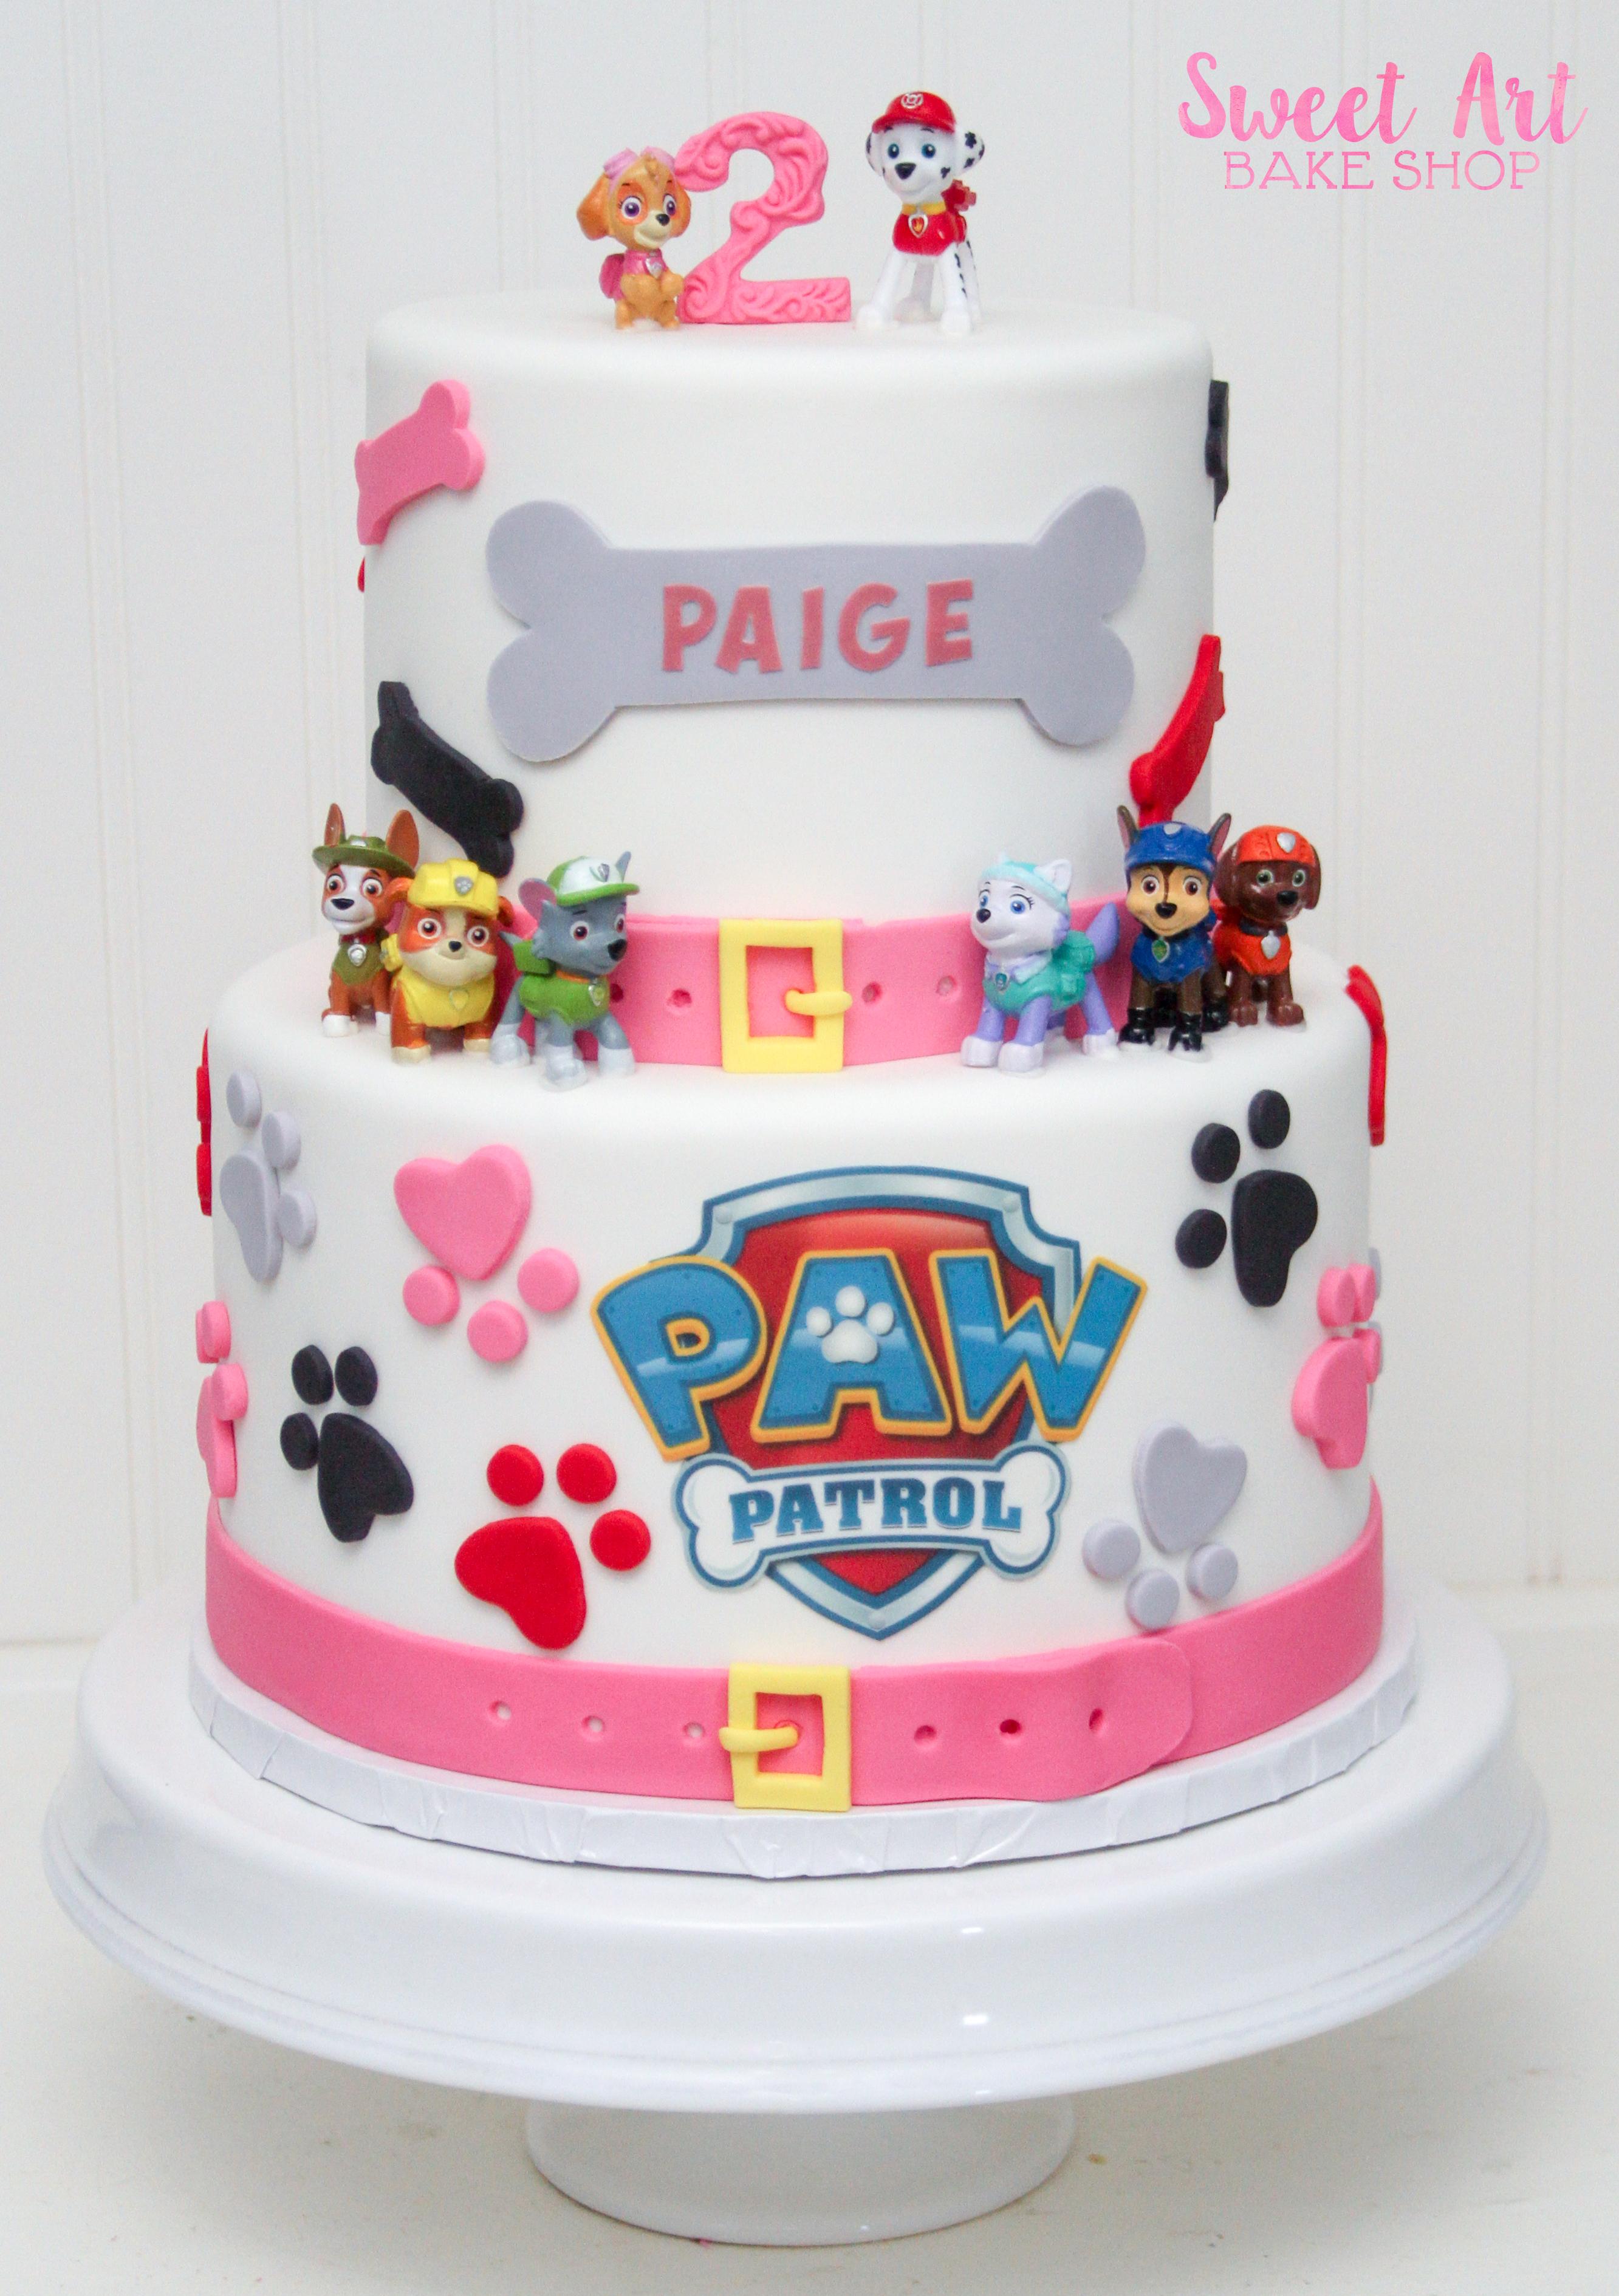 Paige's Paw Patrol Cake